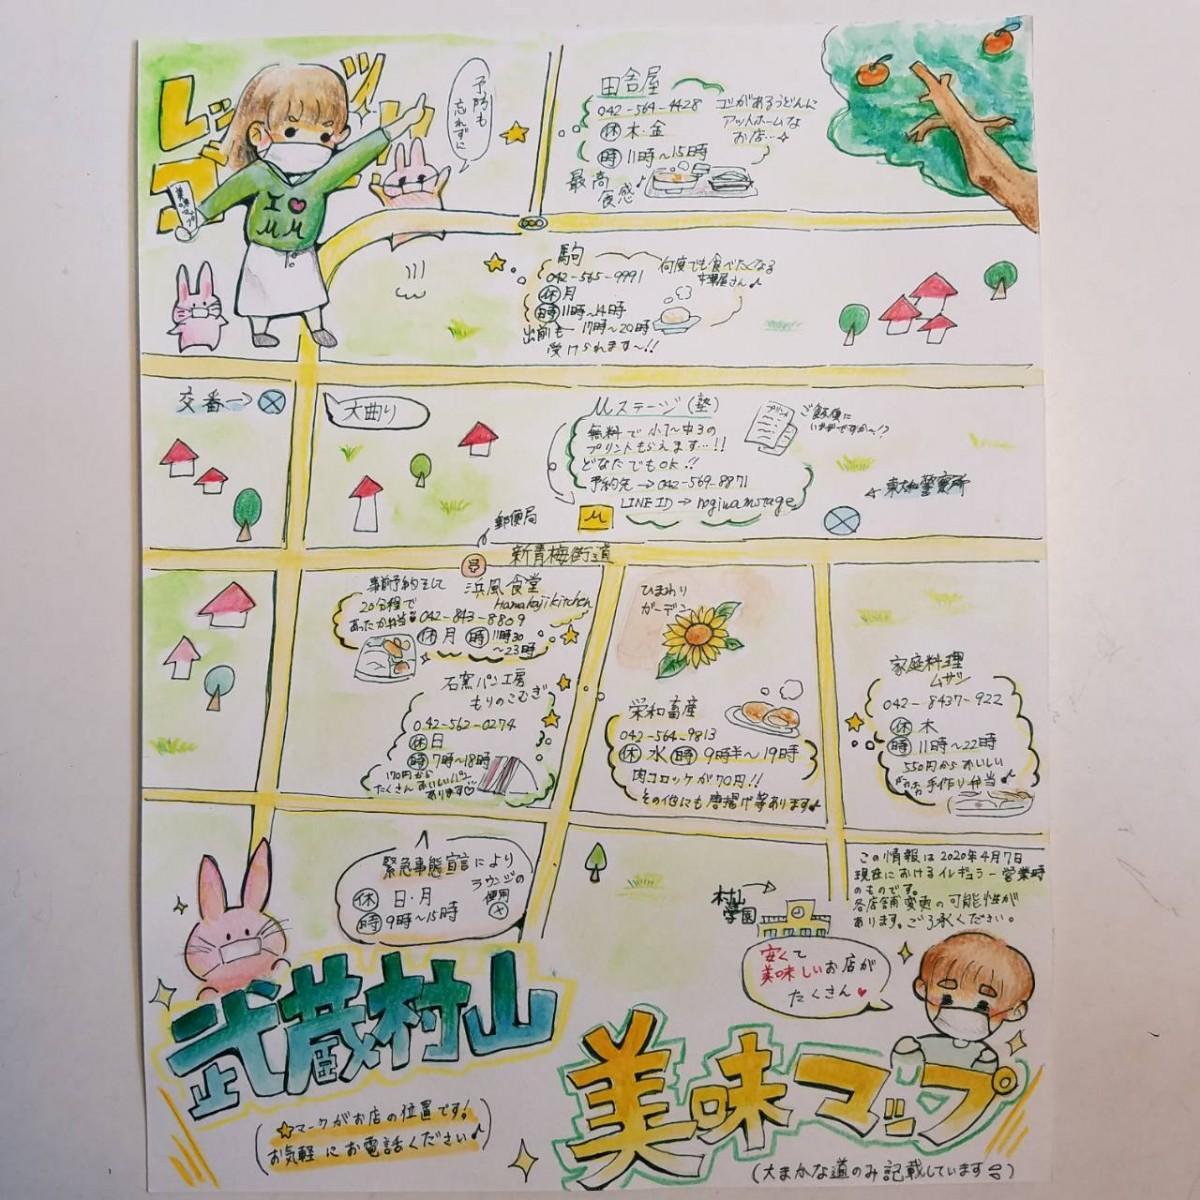 高校生が描いた飲食店を応援をする手描きイラストマップ